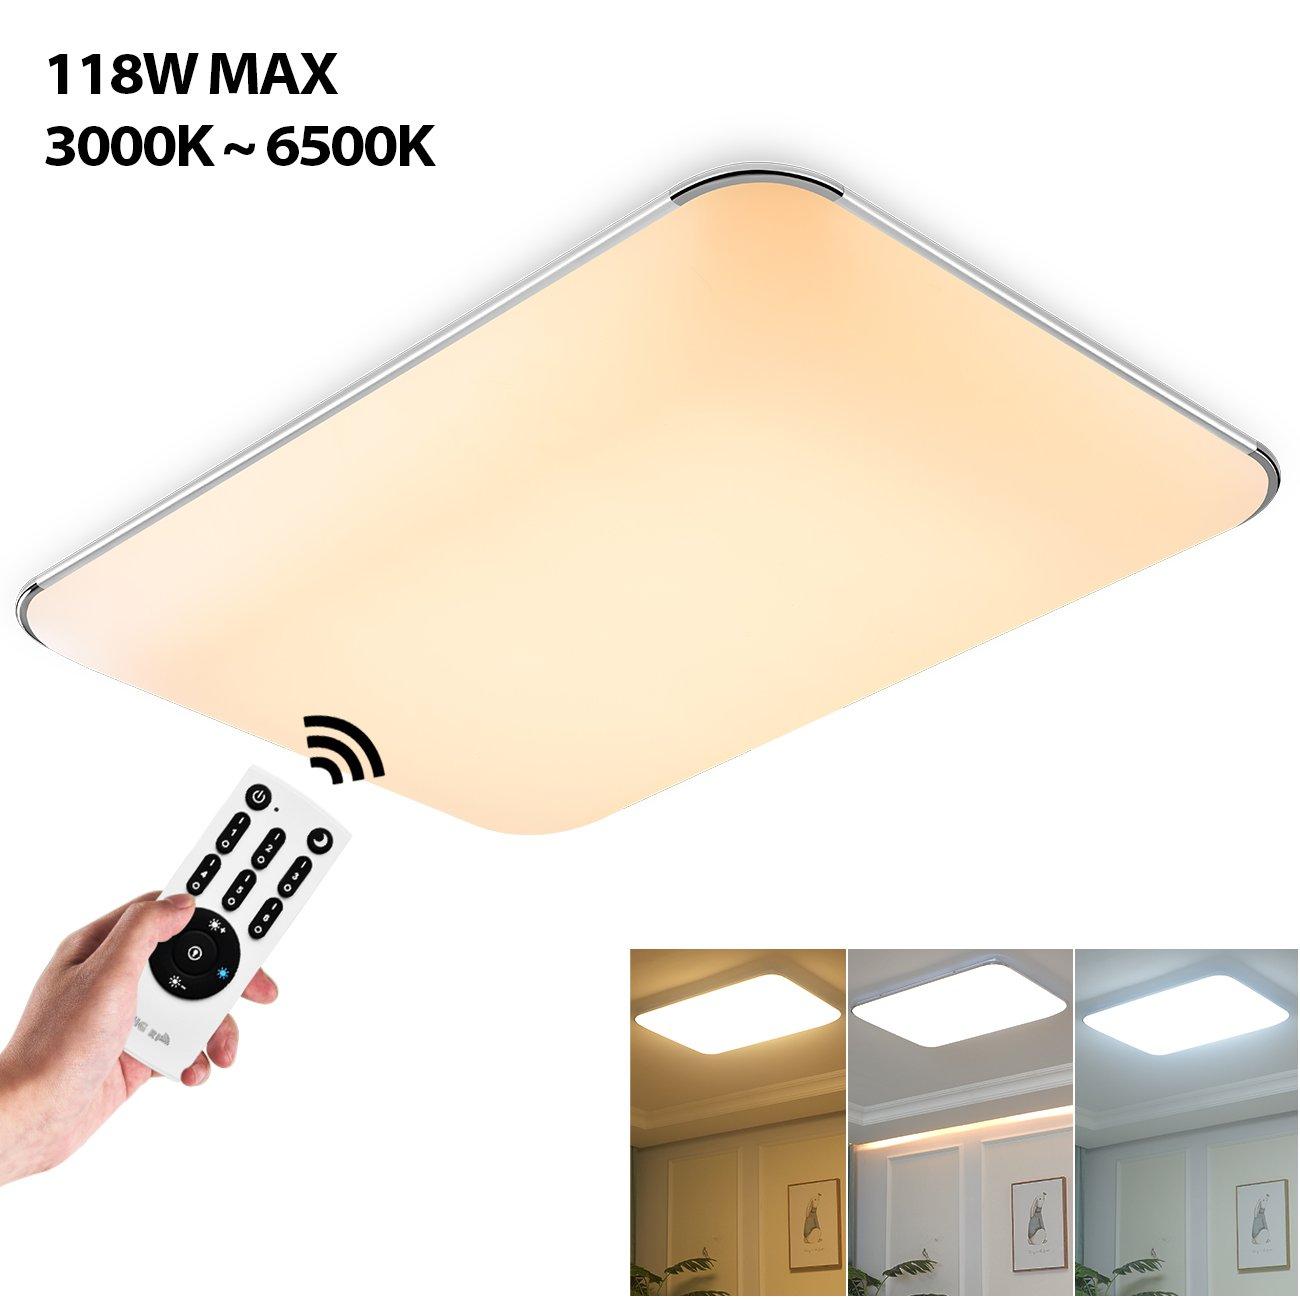 LED Deckenleuchte dimmbar mit Fernbedienung 118W 93x65 cm für Kueche Wohnzimmer Schlafzimmer Esszimmer, modern rechteckig, 9440 lm - LVWIT